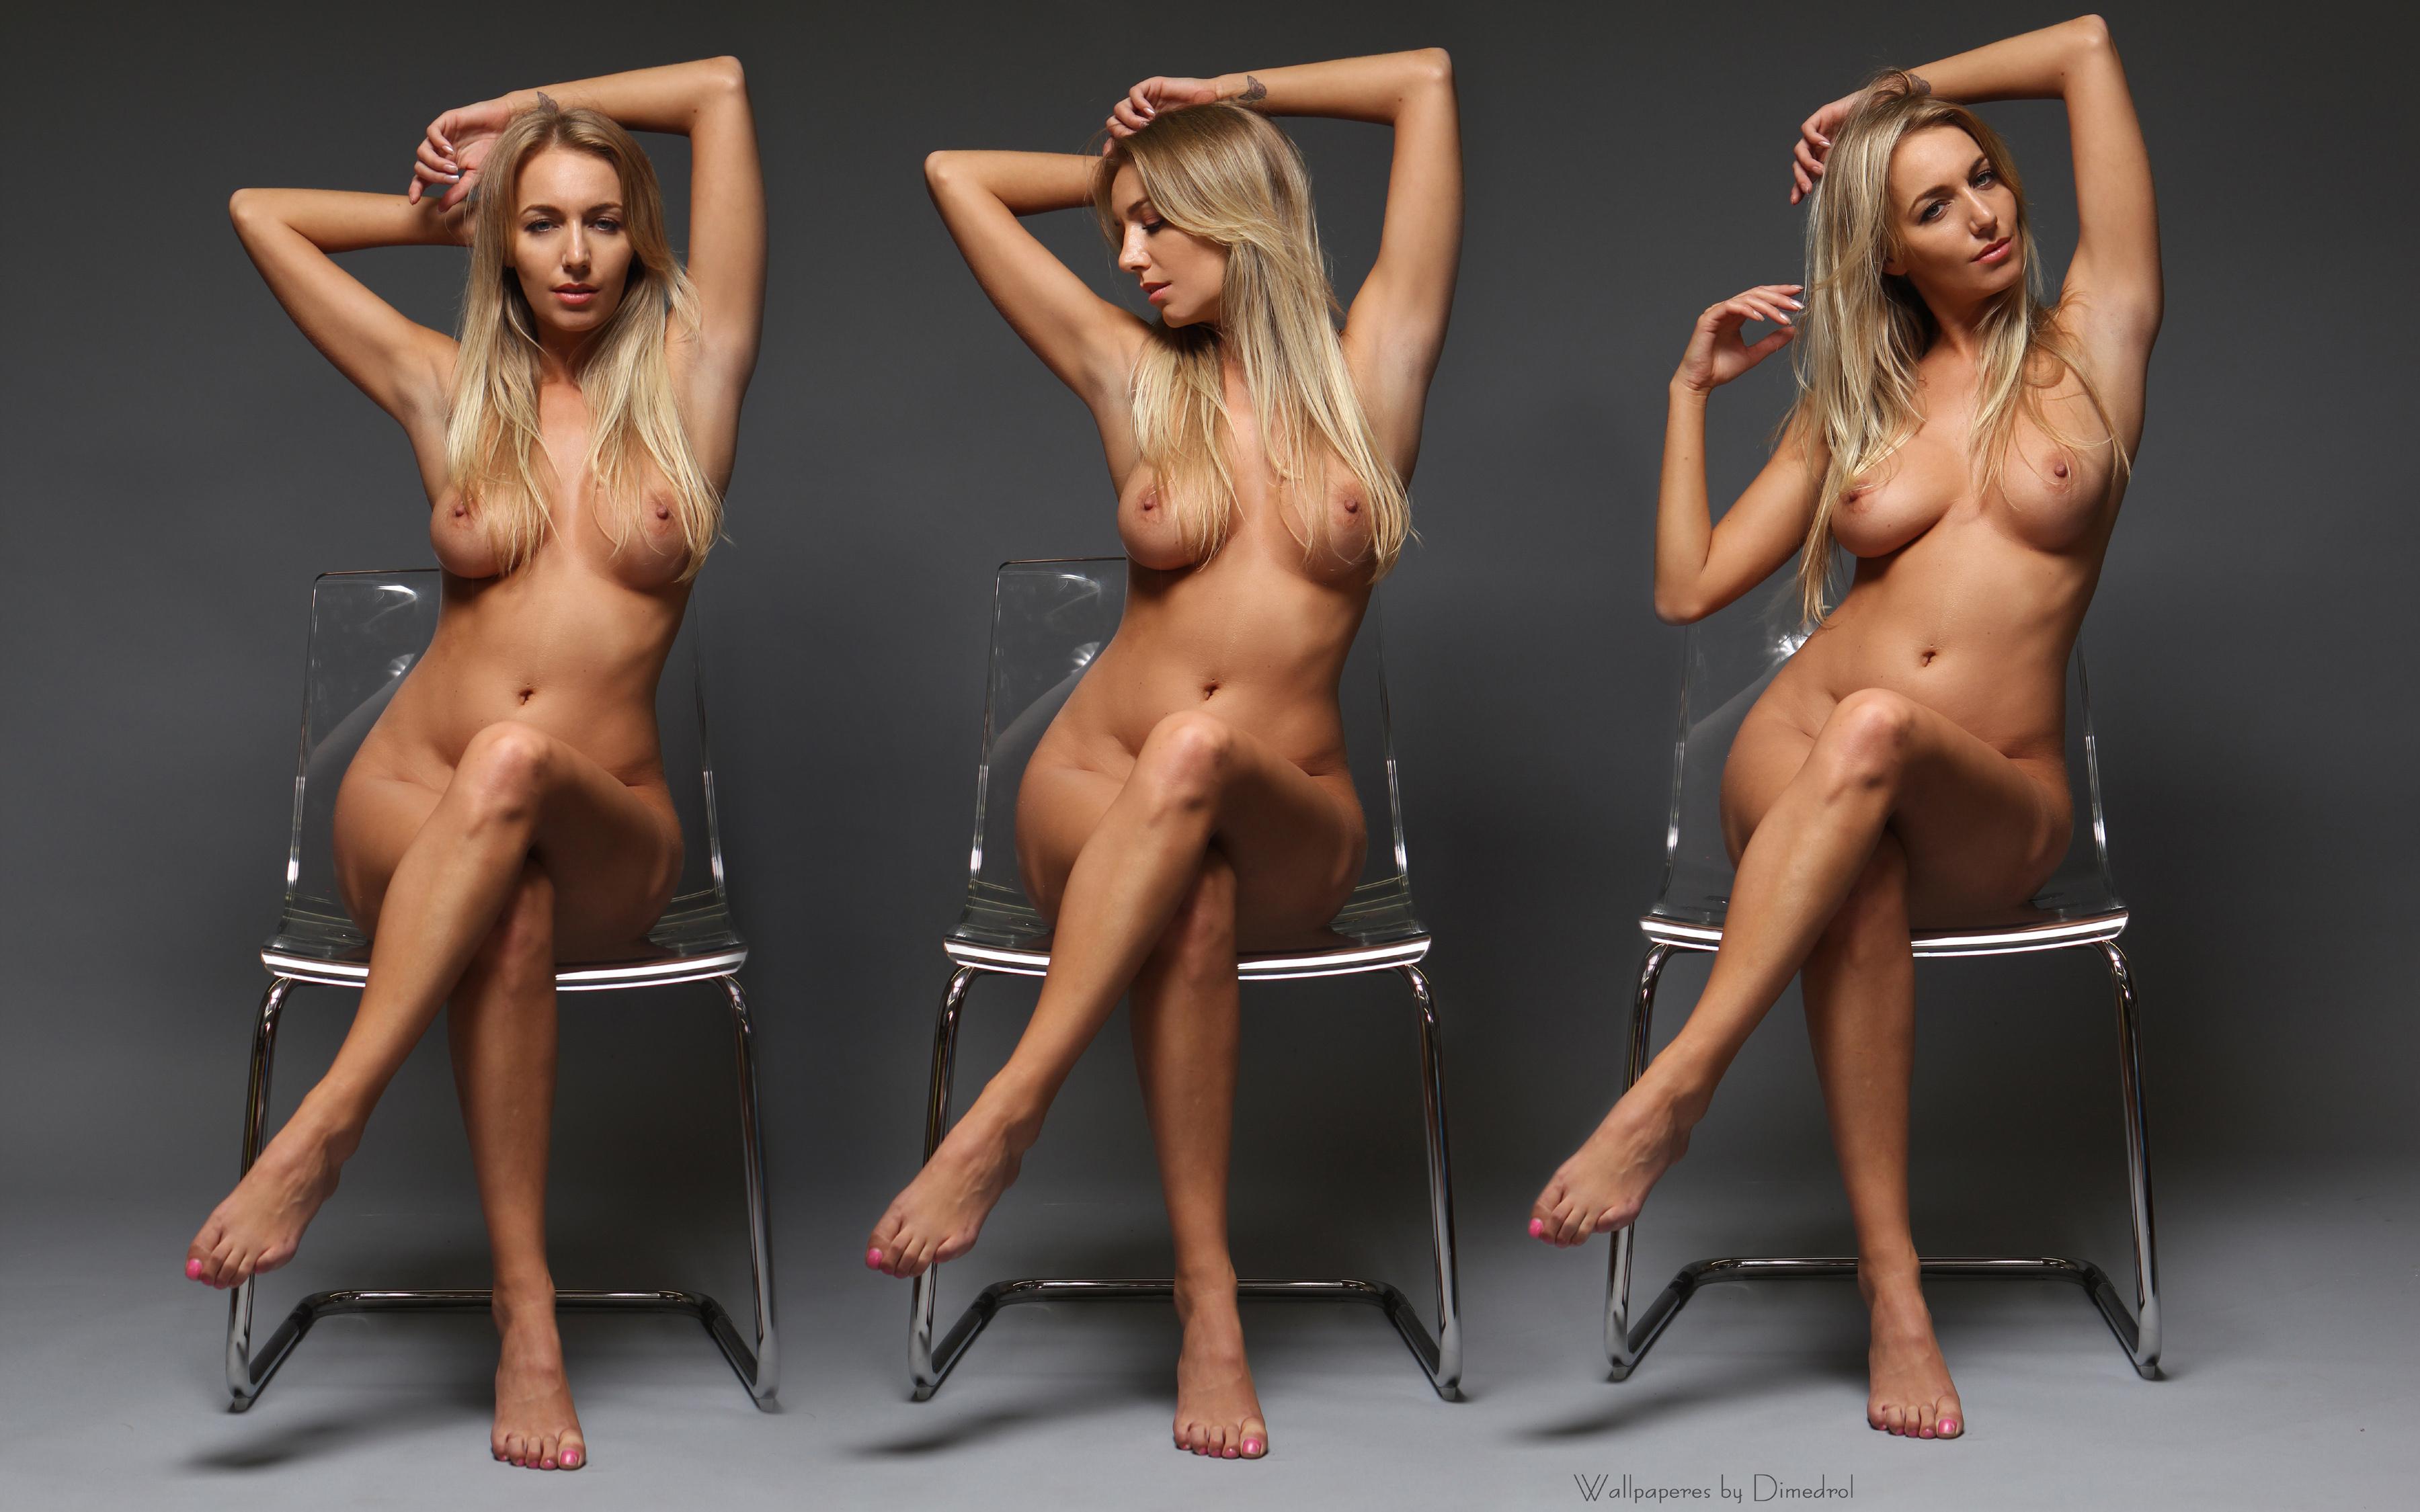 Телешоу с голыми девушками 21 фотография